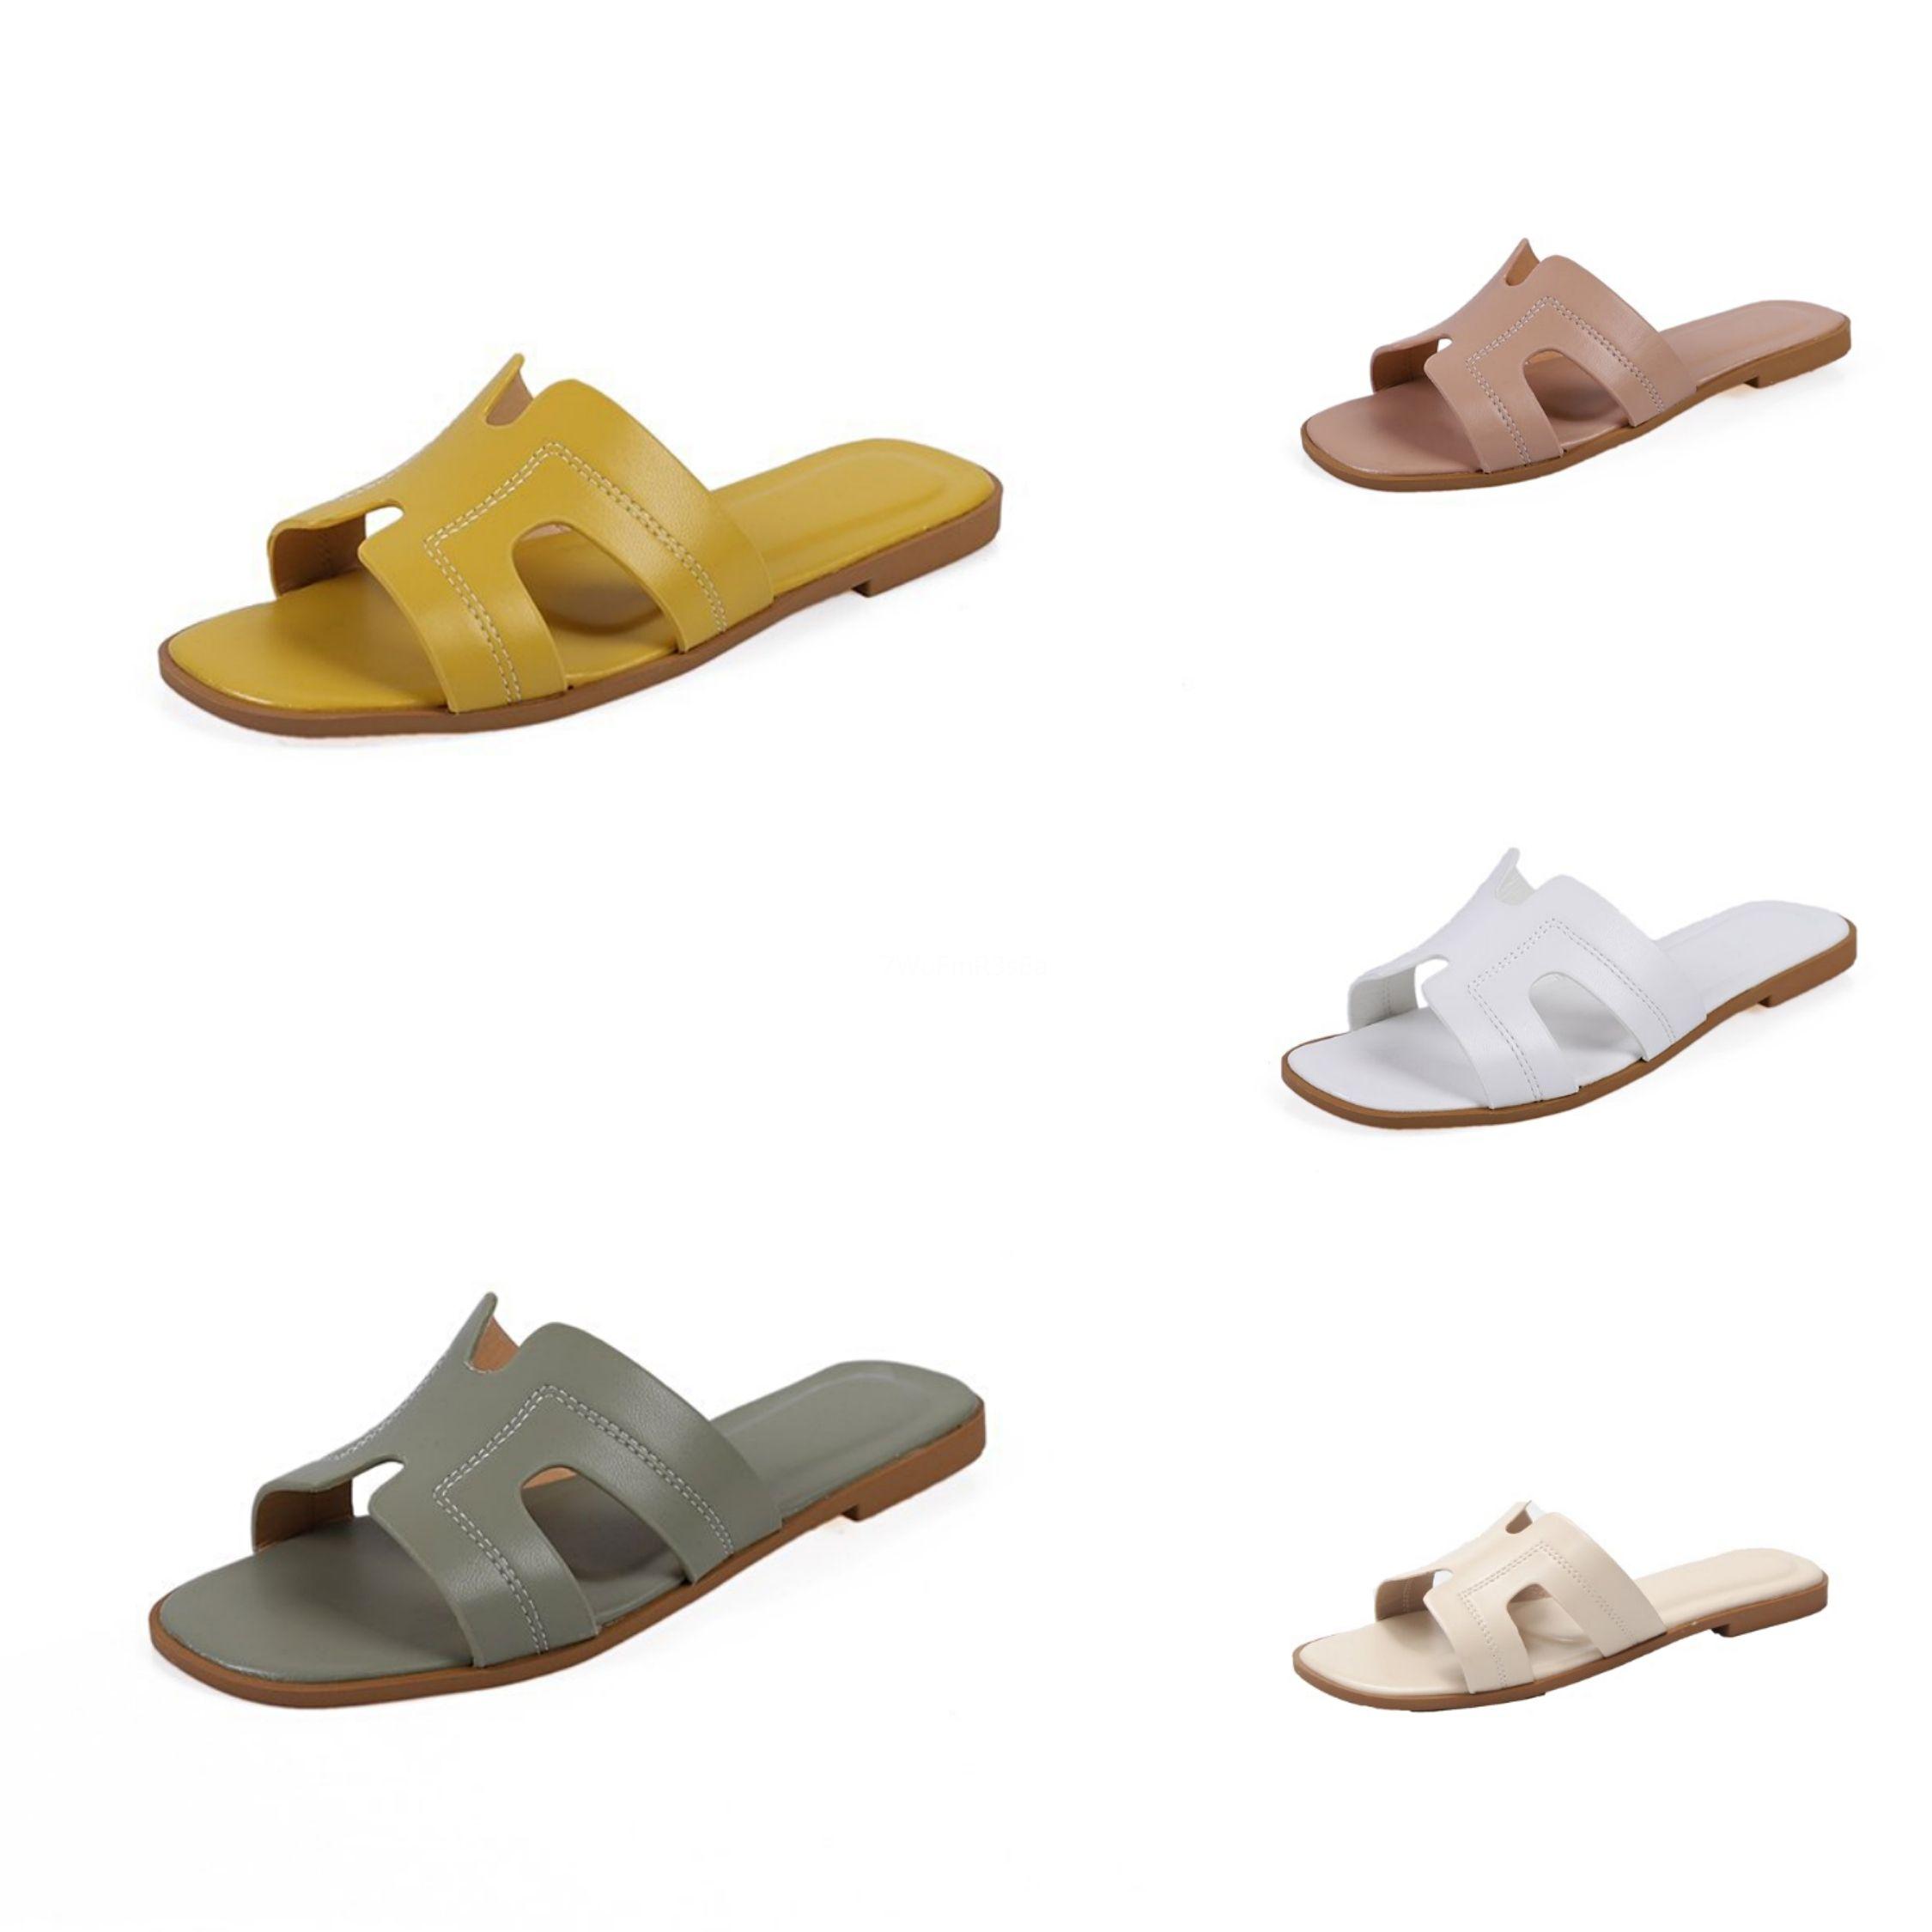 2020 Yaz Terlik İçin Plaj Spor Kadınlar erkek ayakkabıları Kayma-On Terlik H Erkek Crocks Crocse Su Mules D020 # 907